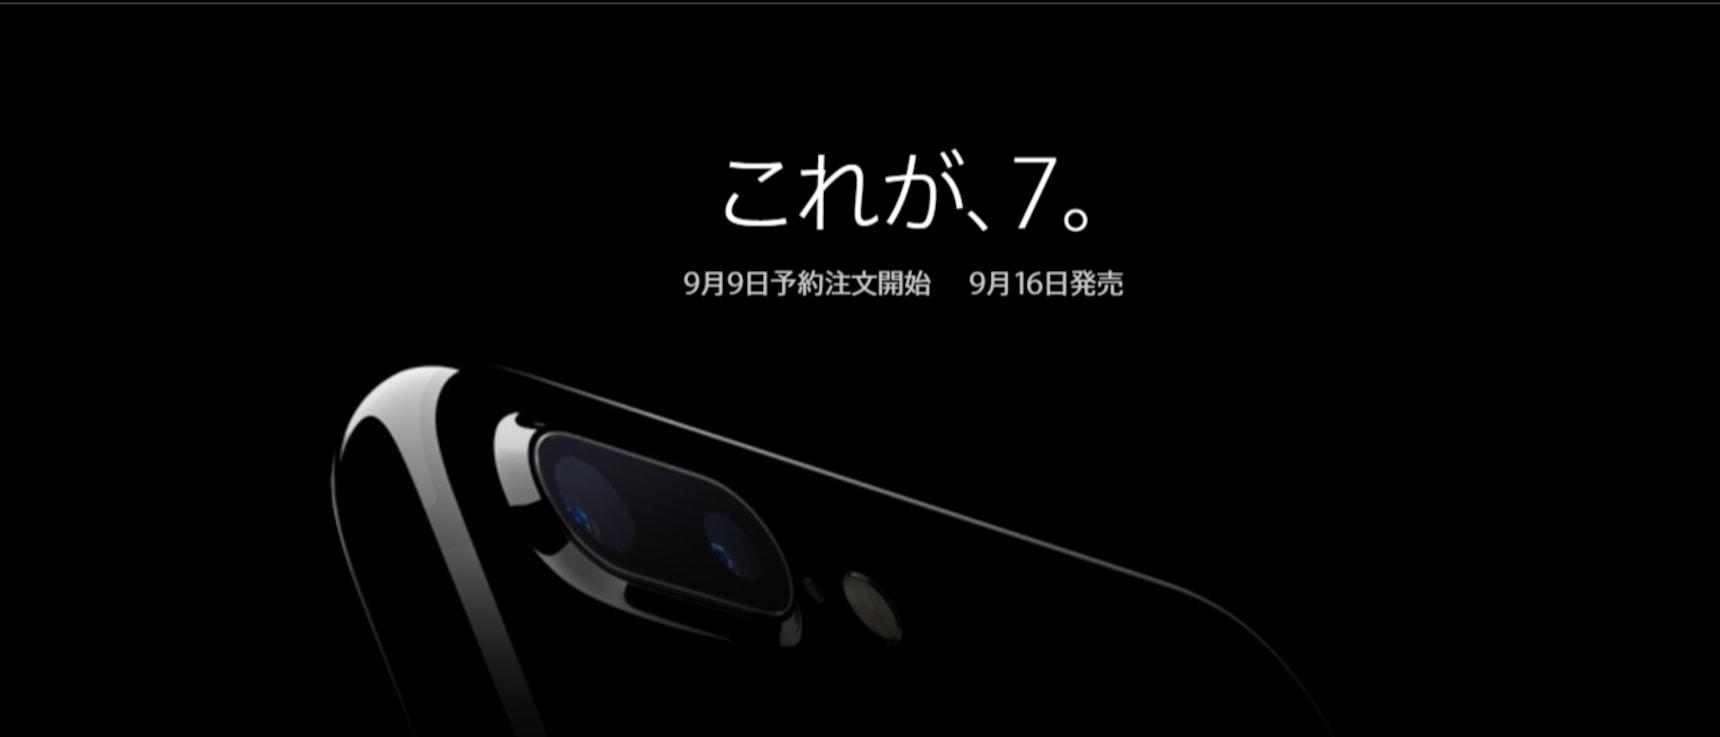 愛瘋之人想換妻,日版iPhone7值得買嗎?